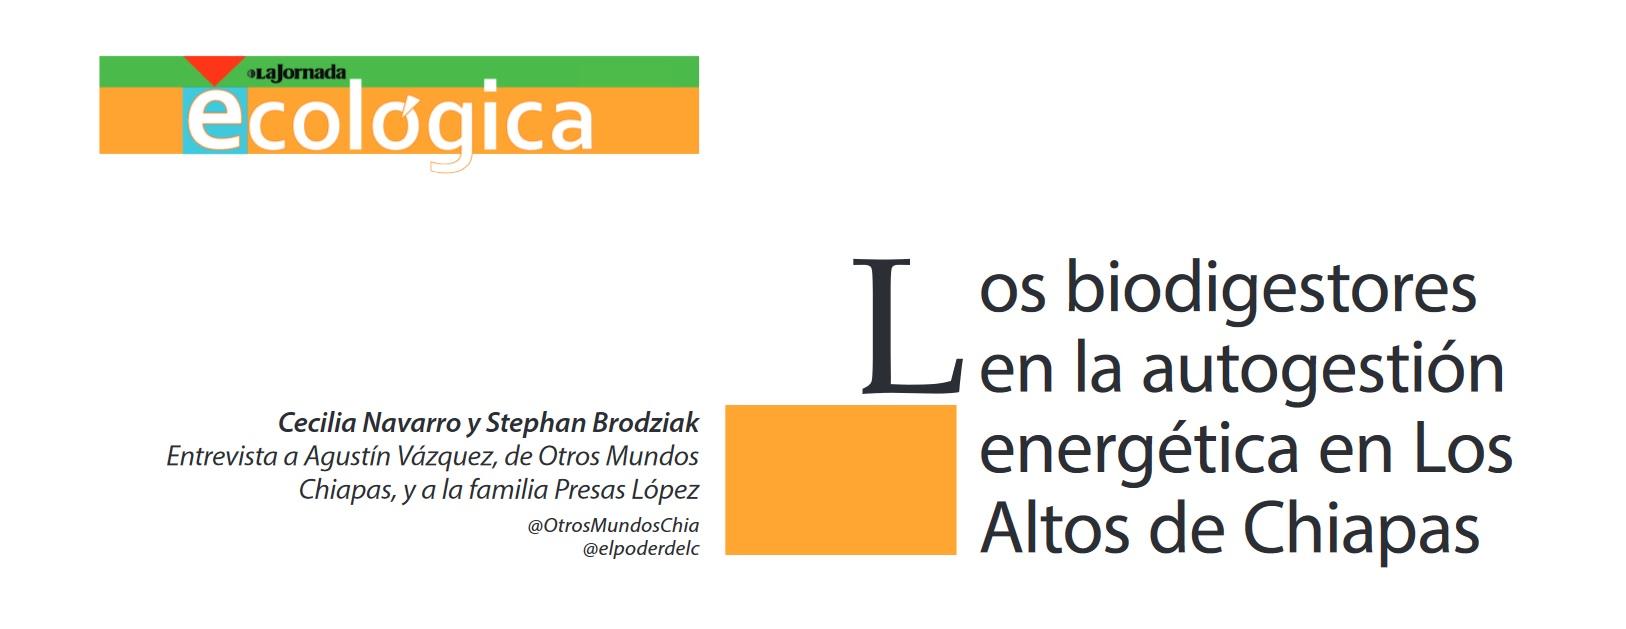 Los biodigestores en la autogestión energética en Los Altos de Chiapas